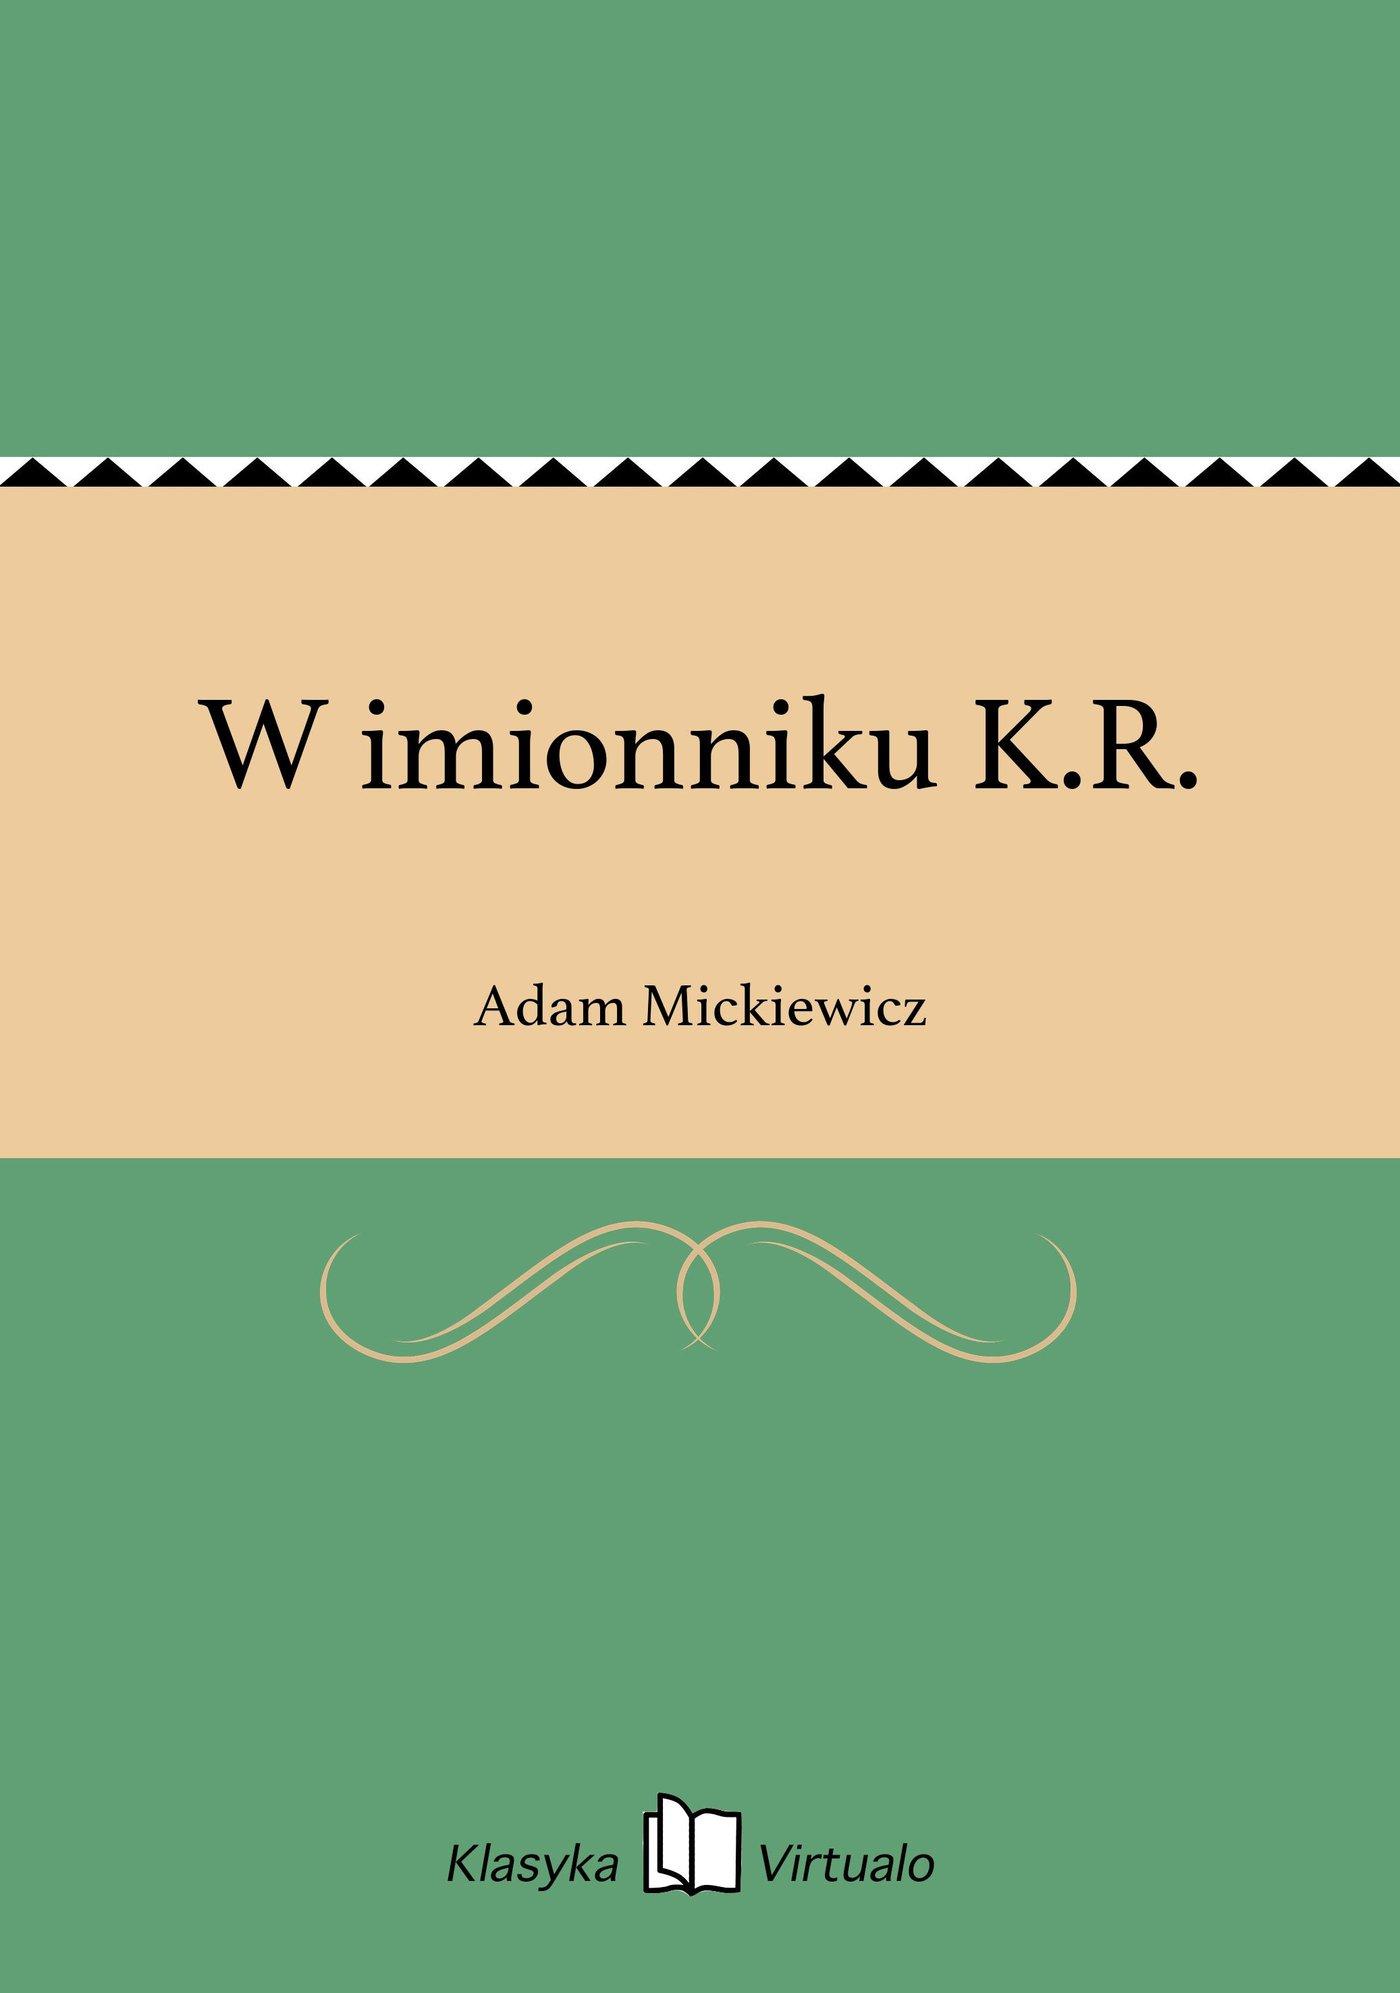 W imionniku K.R. - Ebook (Książka EPUB) do pobrania w formacie EPUB